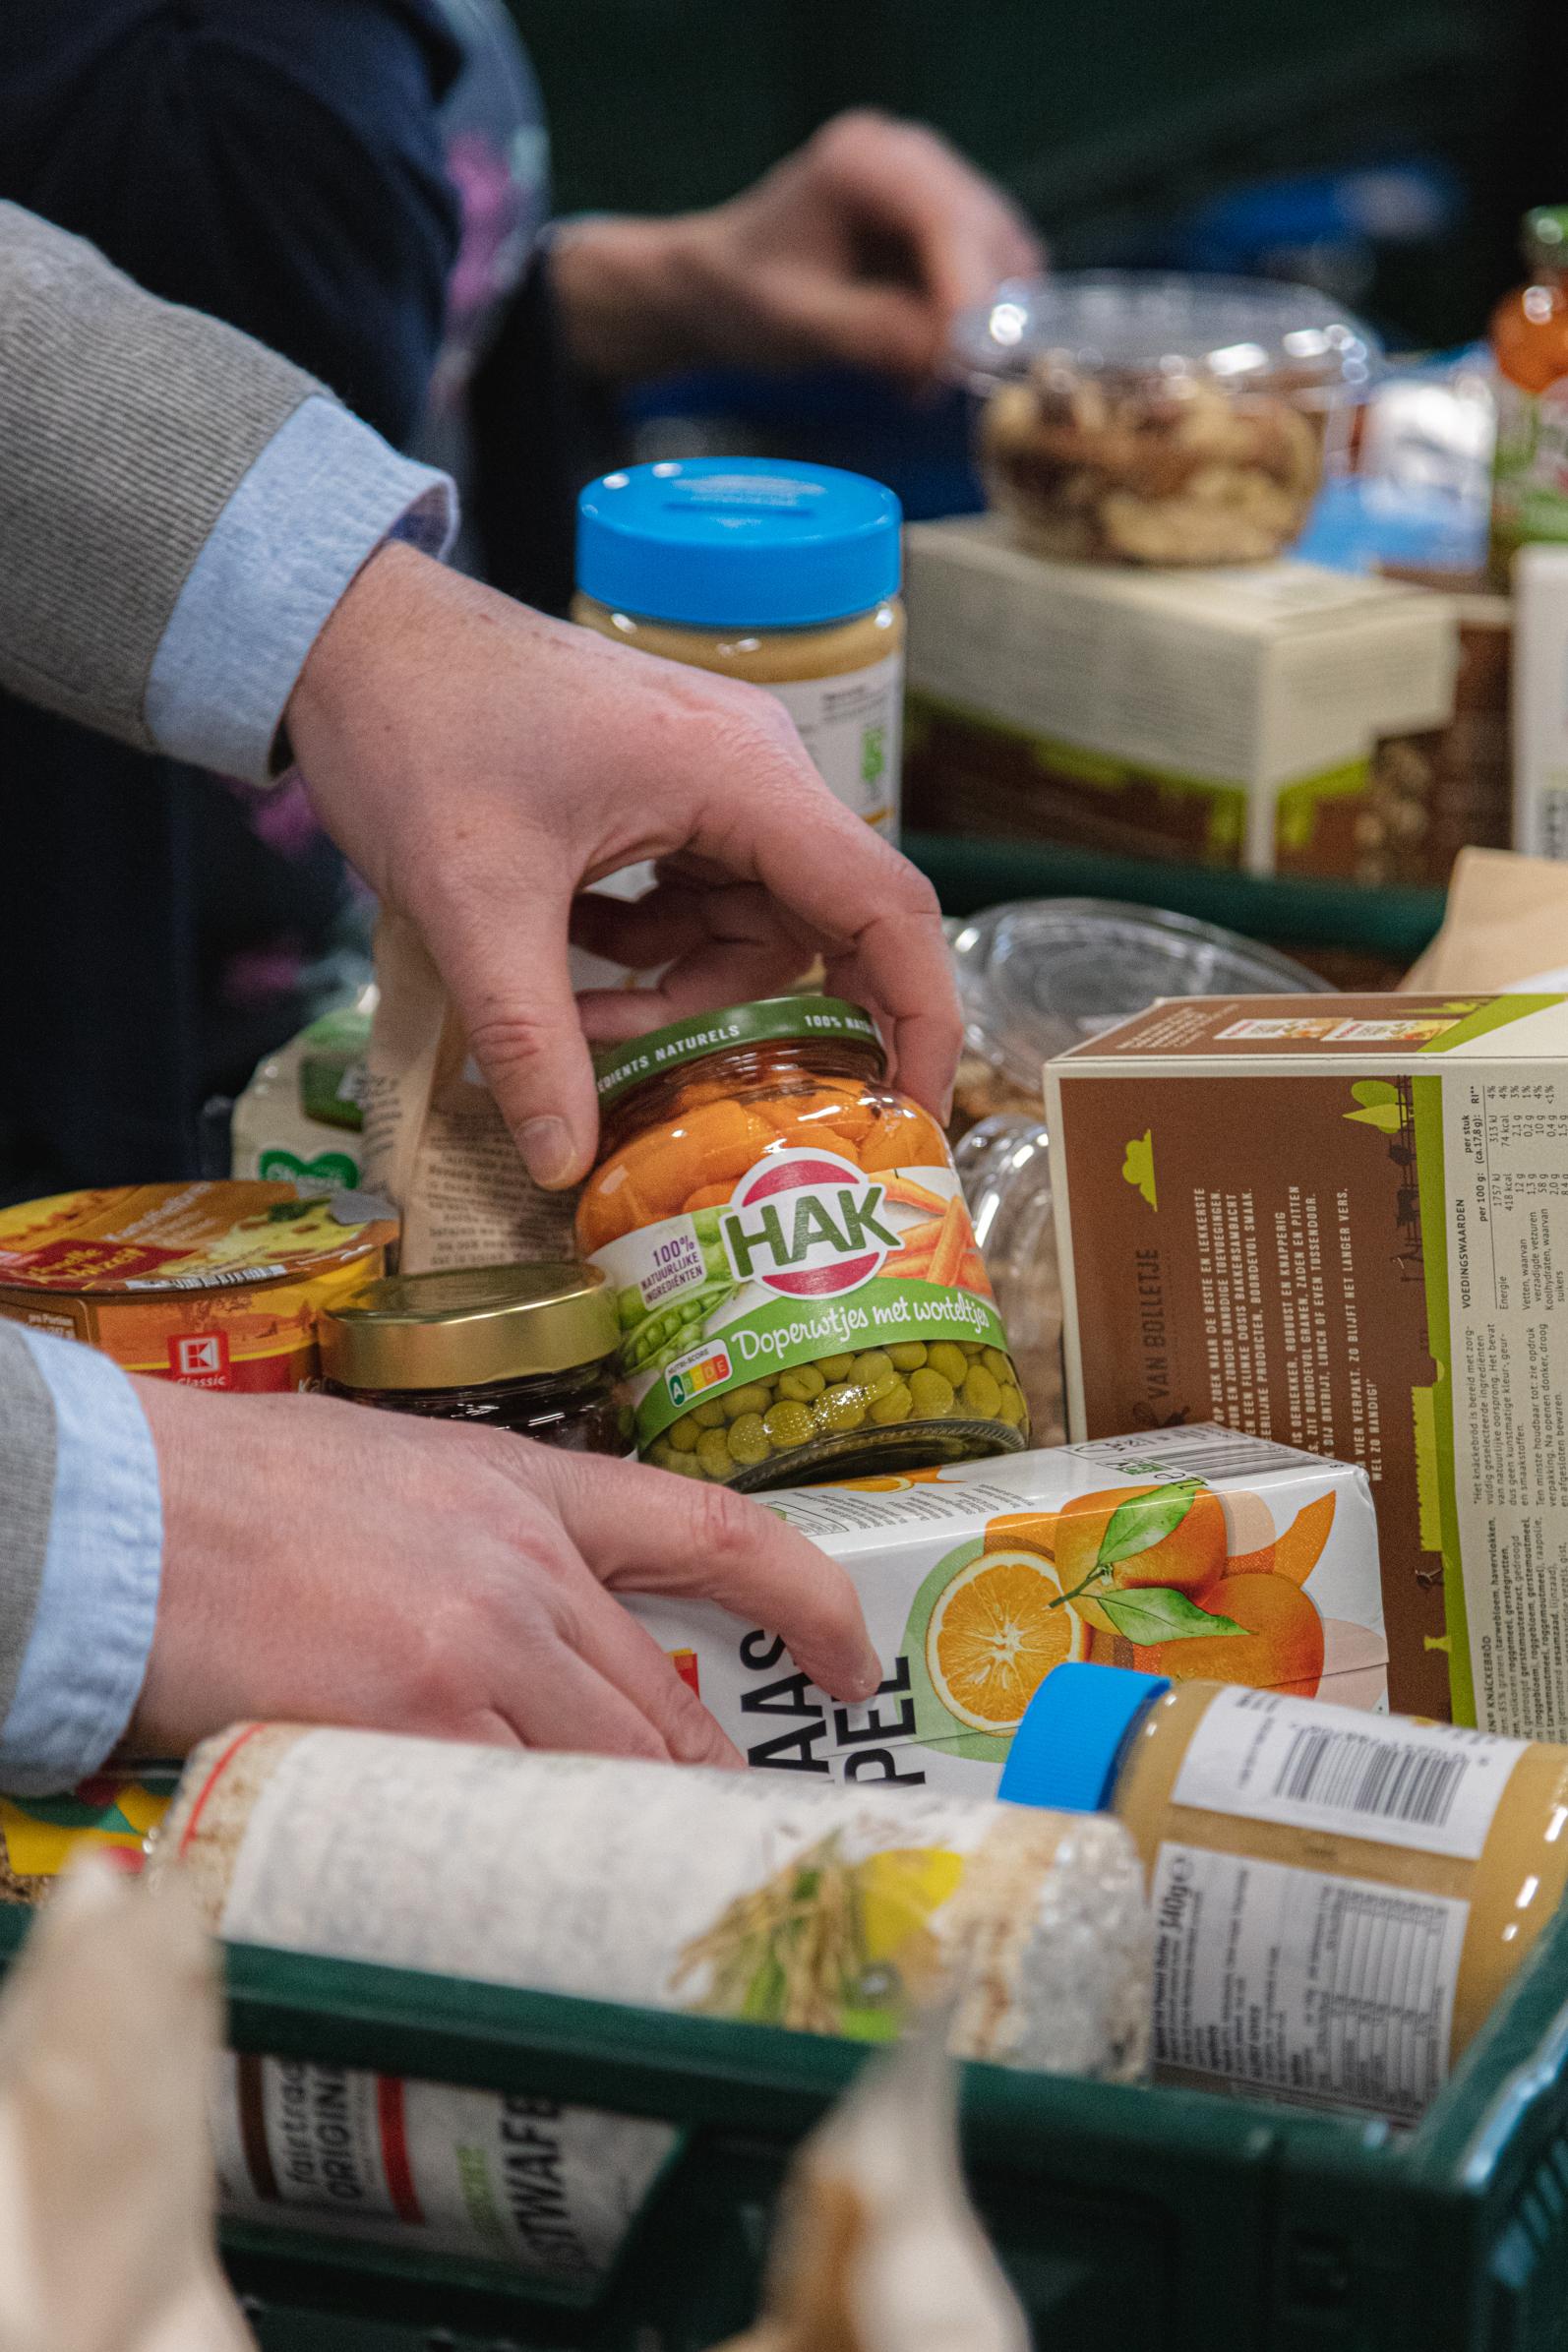 Voedselpakket met diverse producten